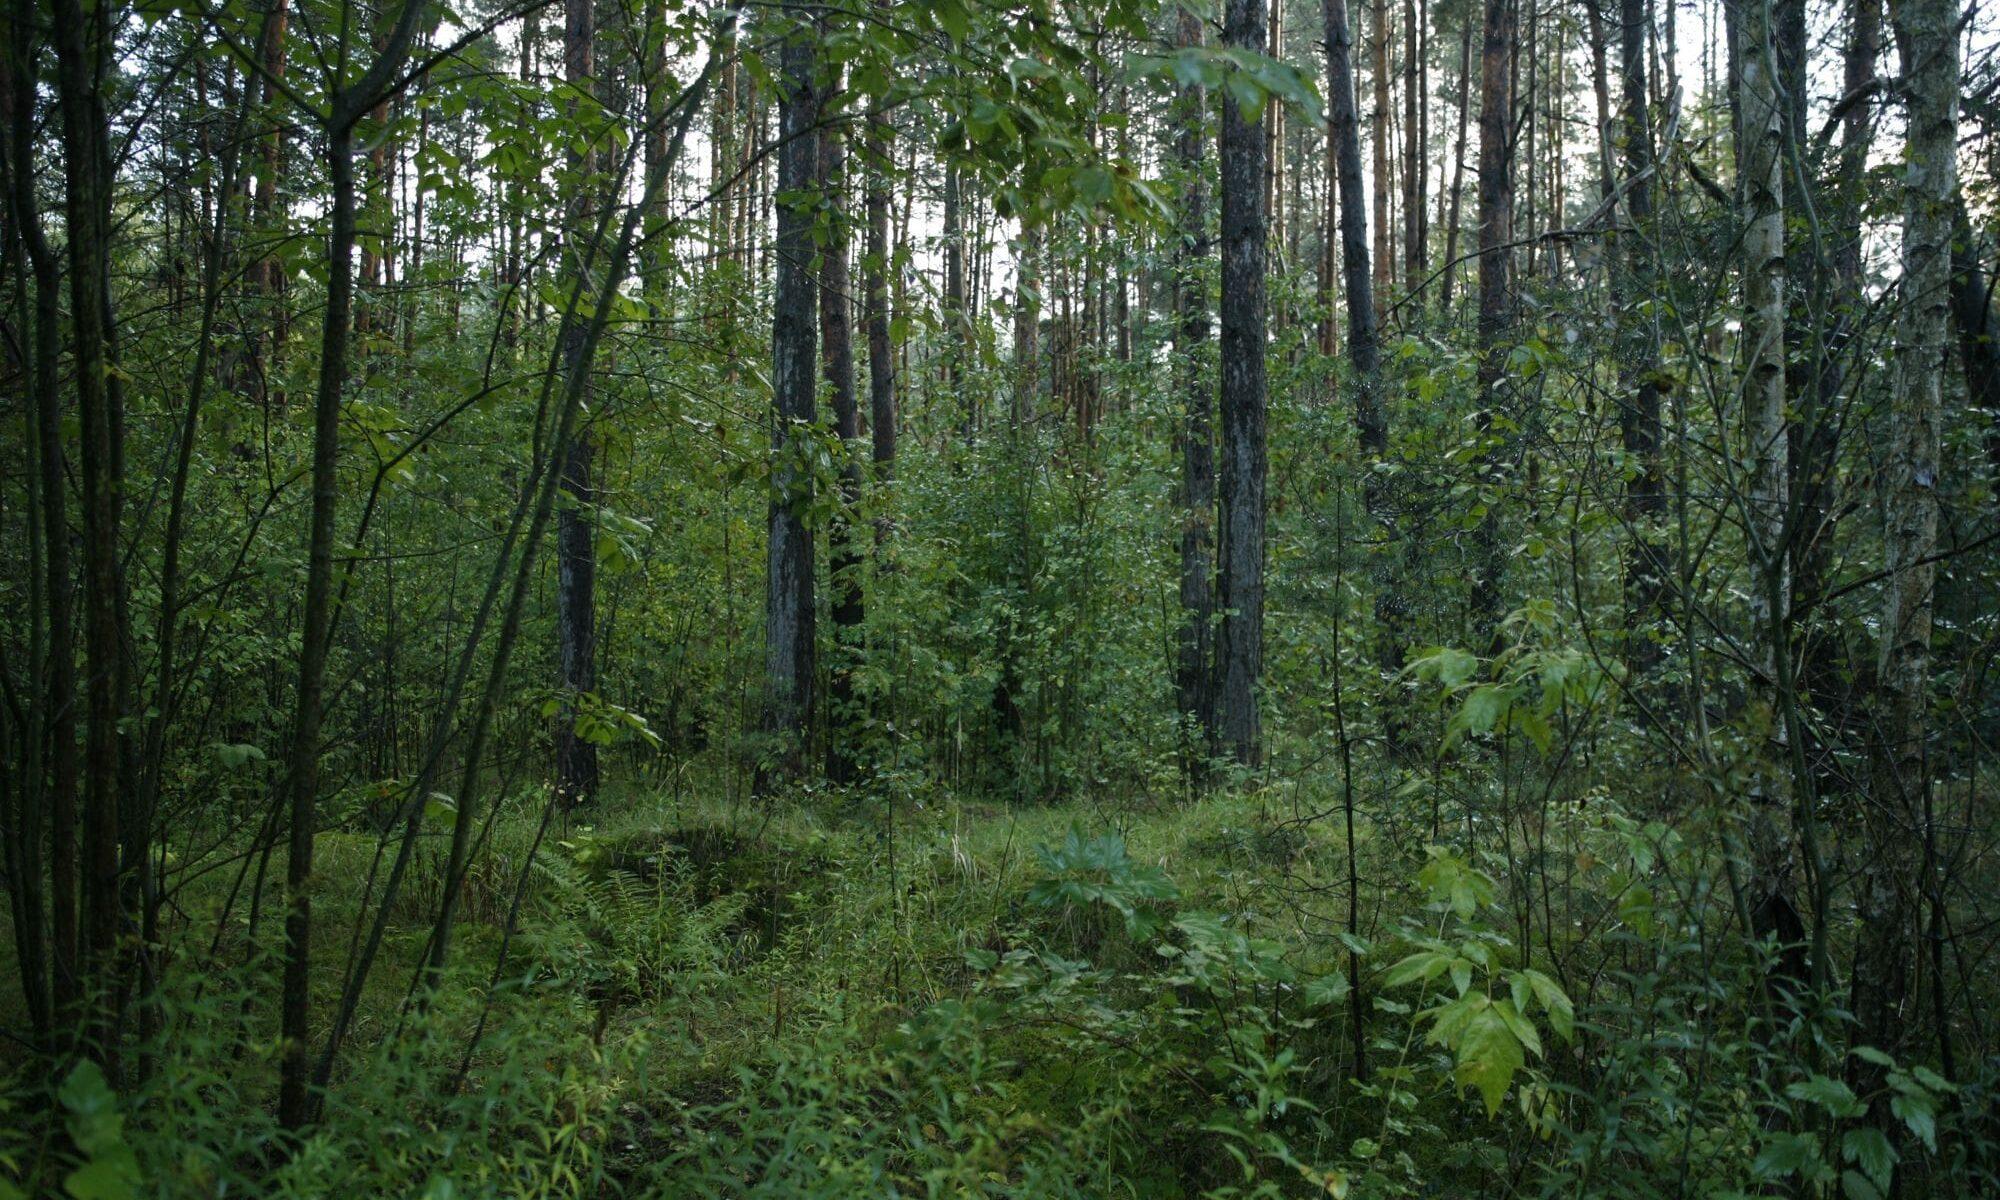 Wald von Blagowschtschina, Belarus. Foto: Alexandra Klei, 22. September 2016.